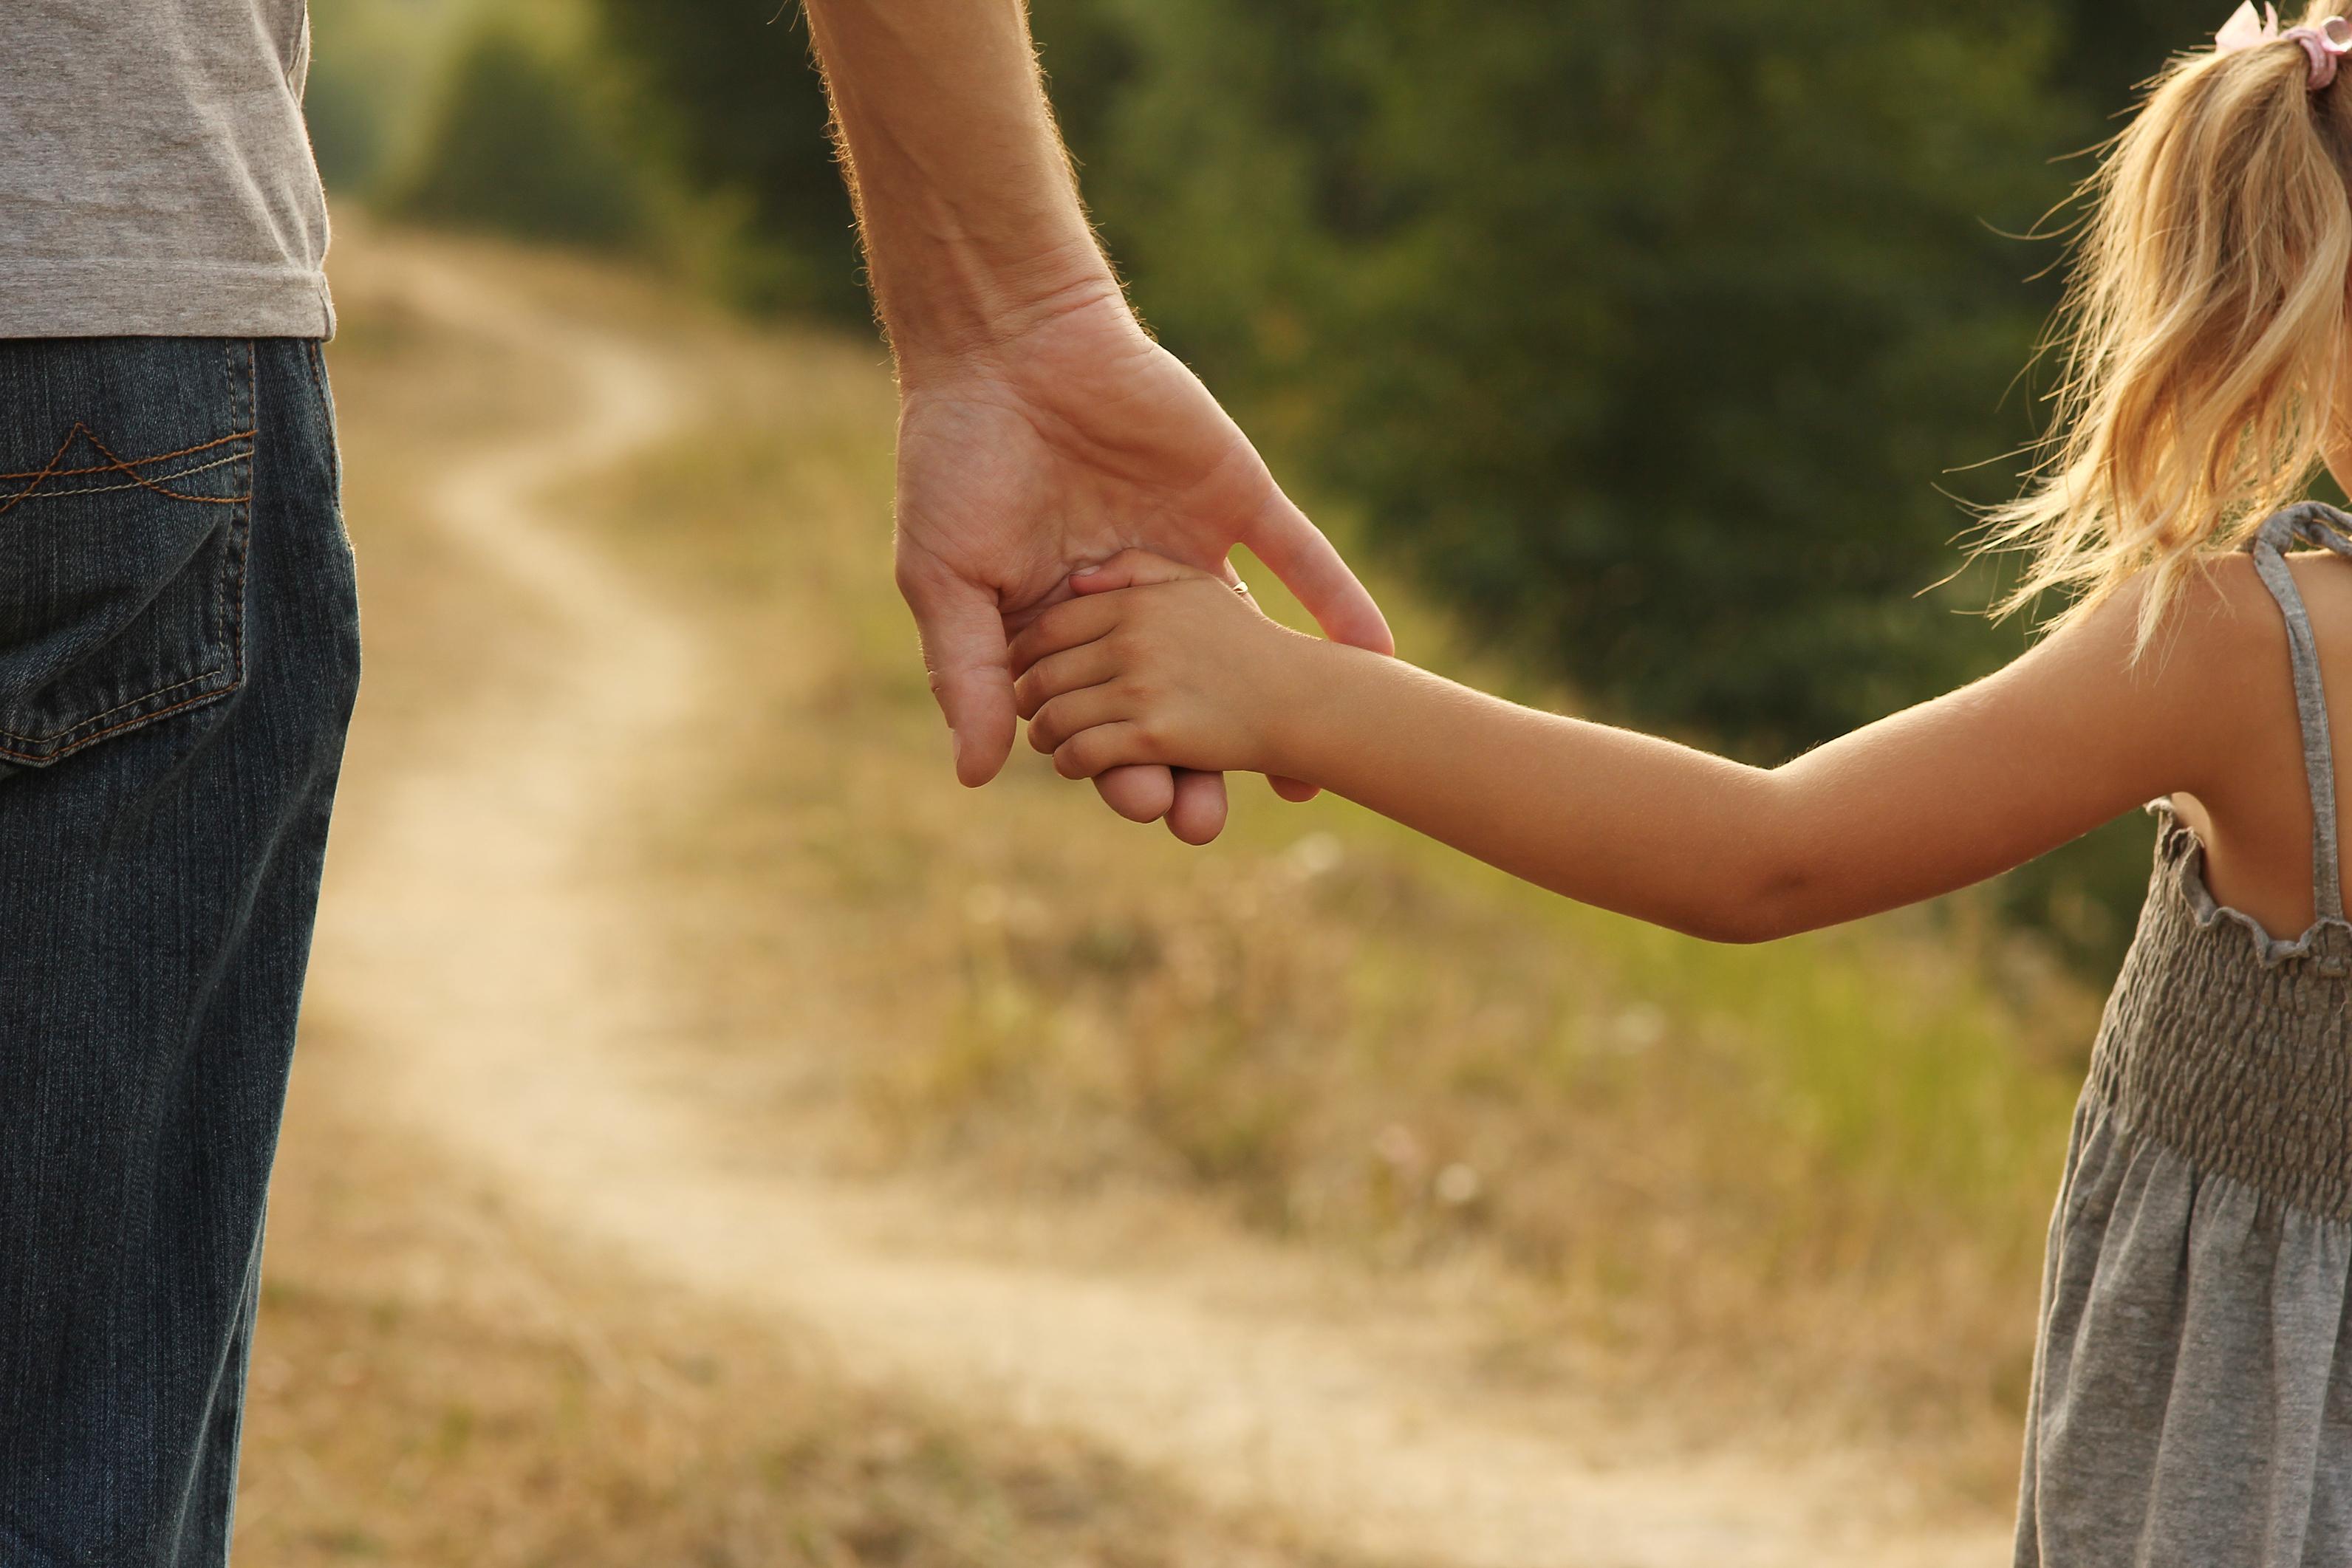 Ako ustanovite da se dete brine, ne umanjujte njegovu zabrinutost govoreći mu da to nije ništa strašno. Recite mu da vam izgleda da je zabrinut zbog toga i da je to sasvim u redu.